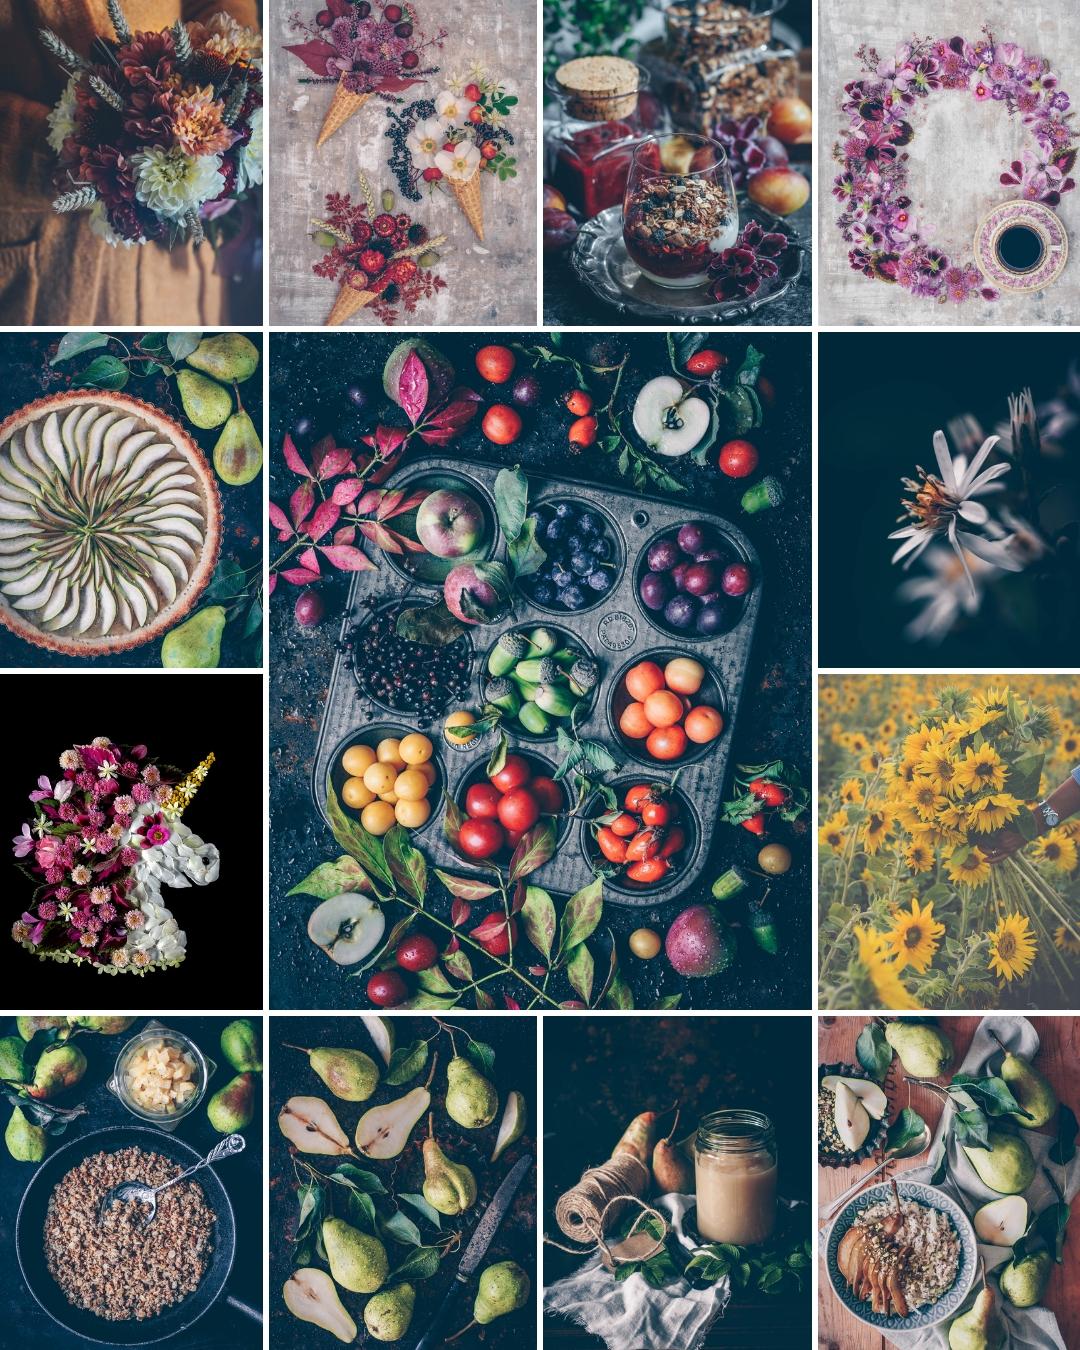 höstminnen september instagram